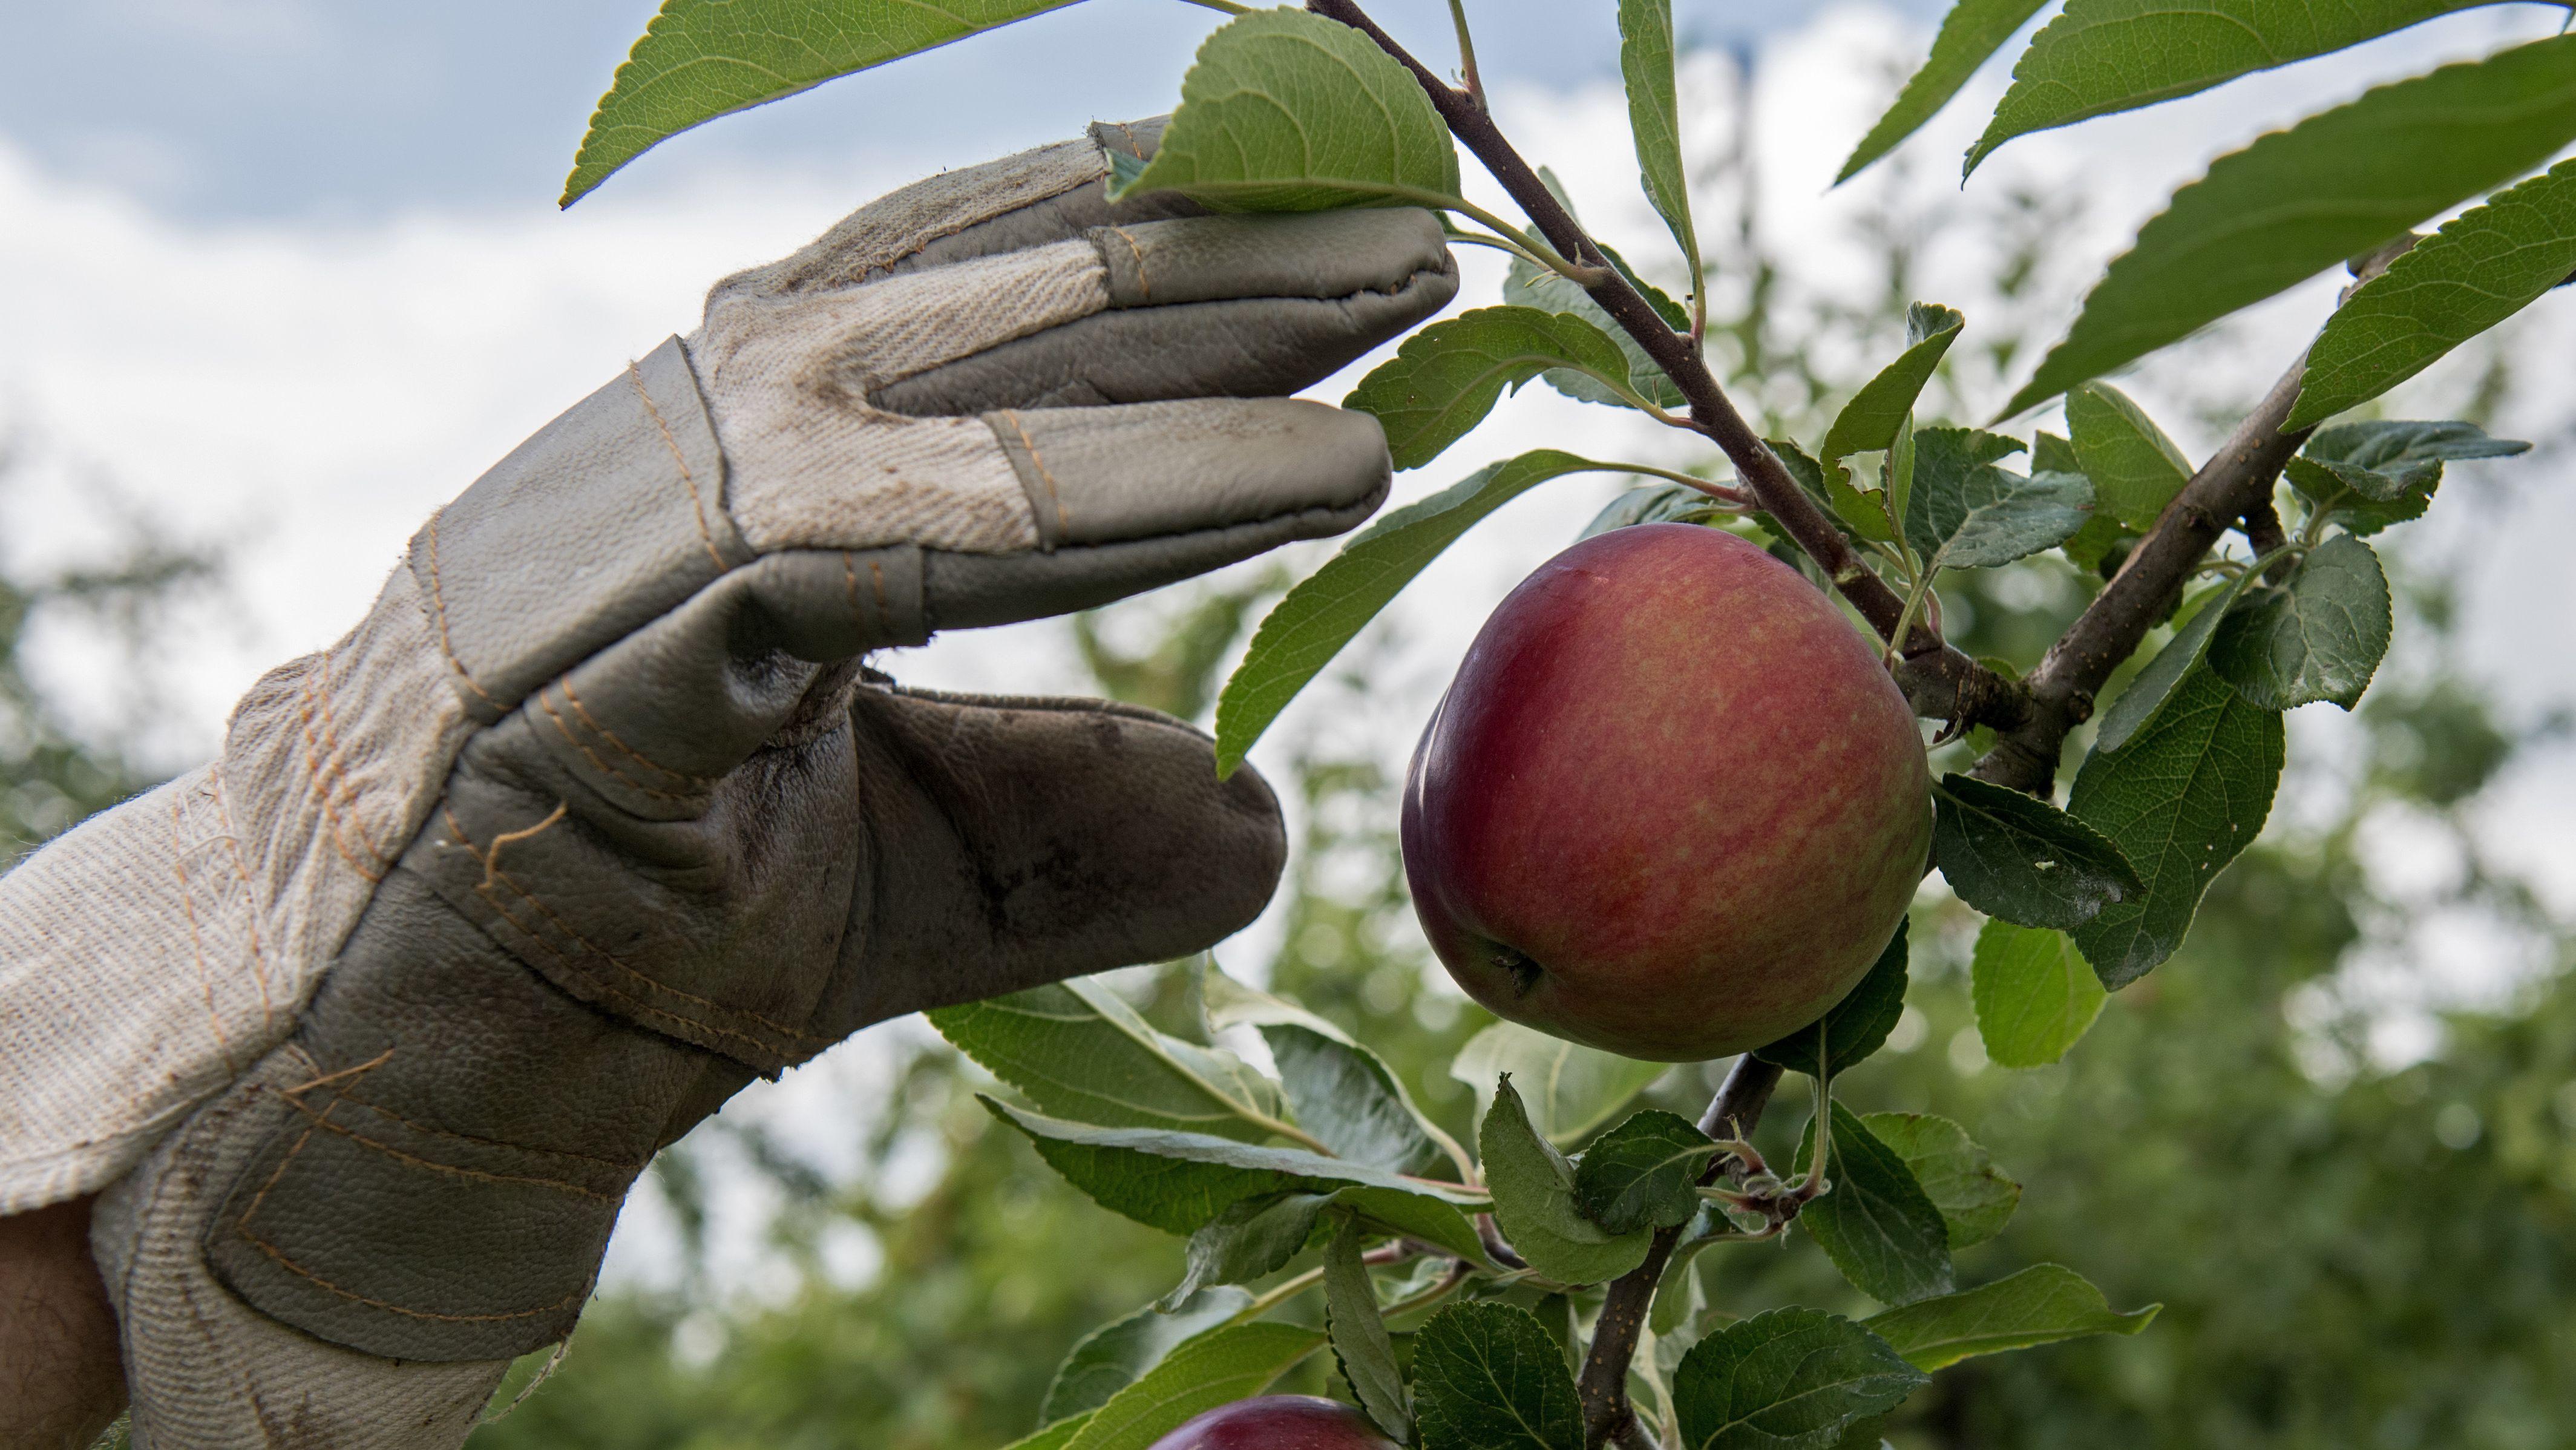 Eine Hand greift am 19.07.2016 auf einer Obstplantage in Jork (Niedersachsen) nach einem Apfel im Baum.